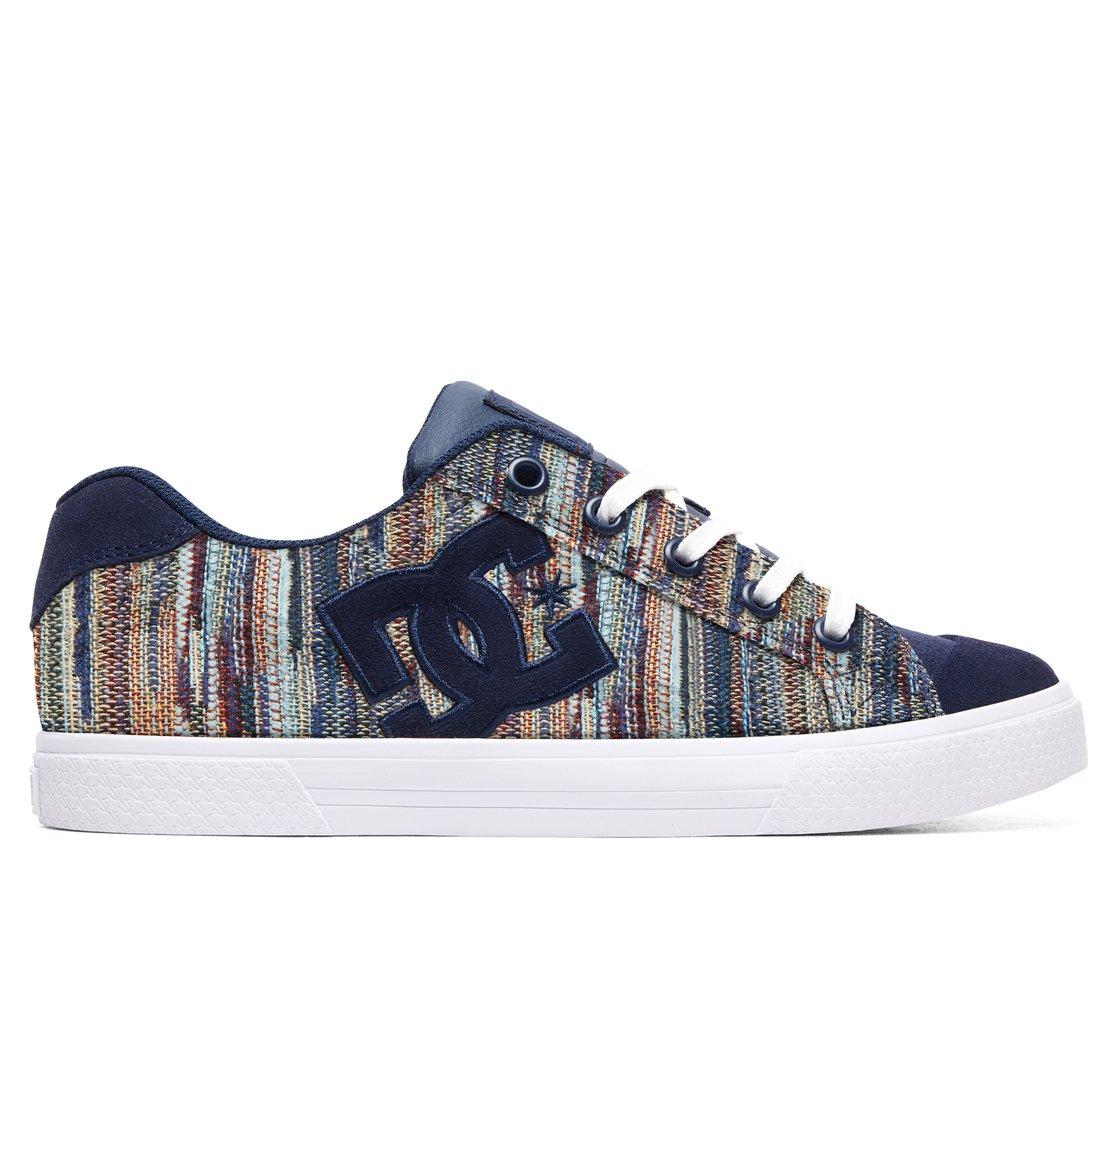 Chelsea TX - Chaussures en cuir - Bleu - DC Shoes